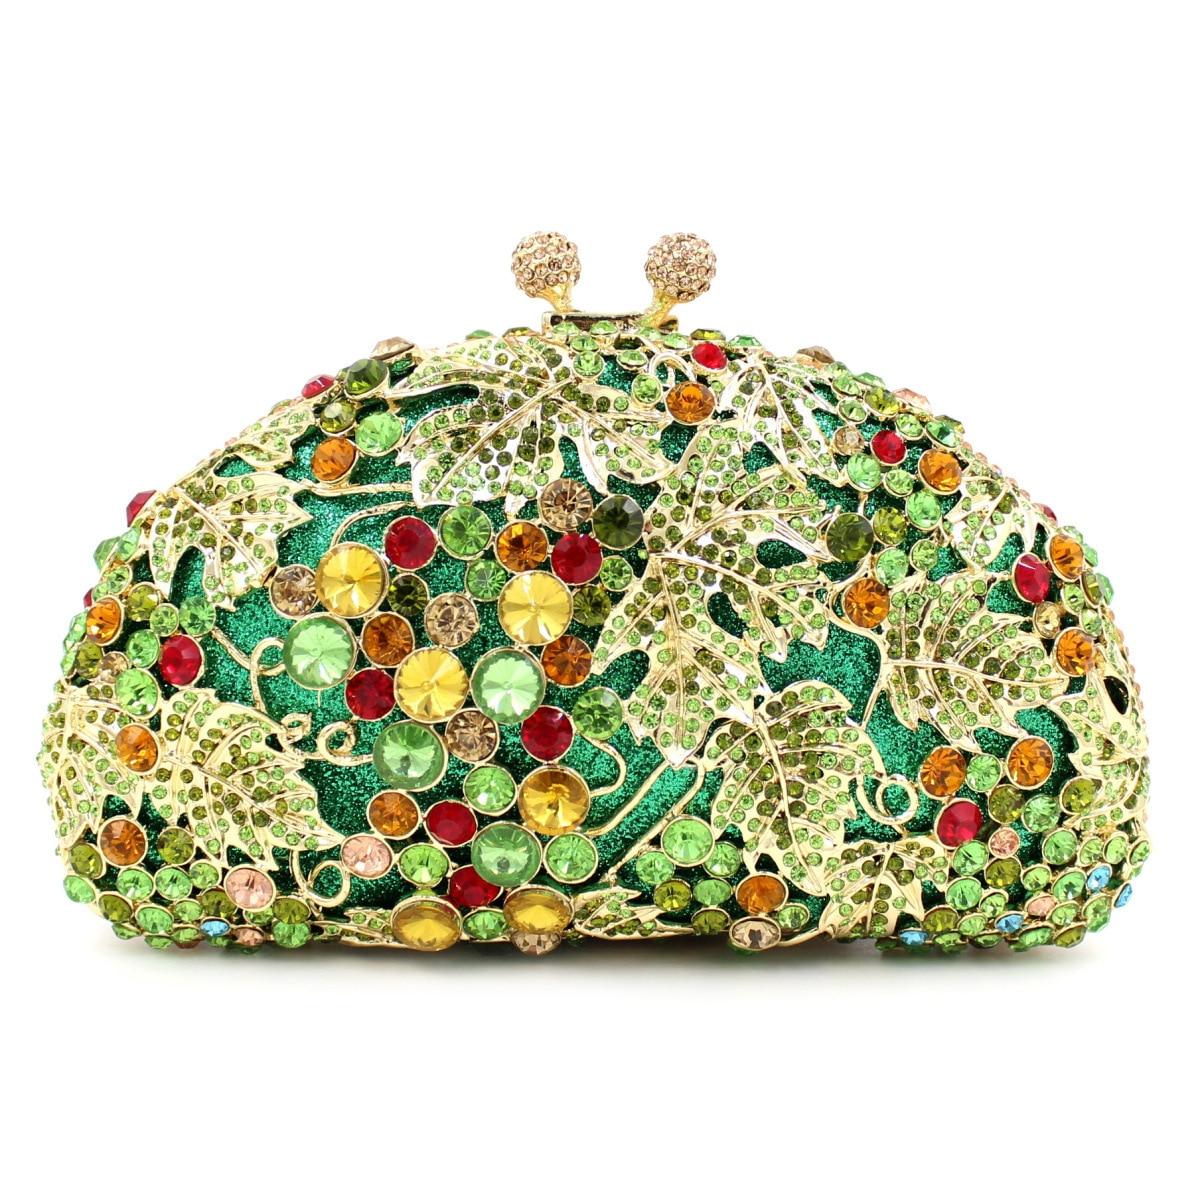 حقيبة عشاء من حجر الراين العنب الأخضر ، حقيبة عشاء من الكريستال والمعدن المموج للنساء ، حقيبة يد من الماس ، مقاس 18 × 10 سنتيمتر ، a6894